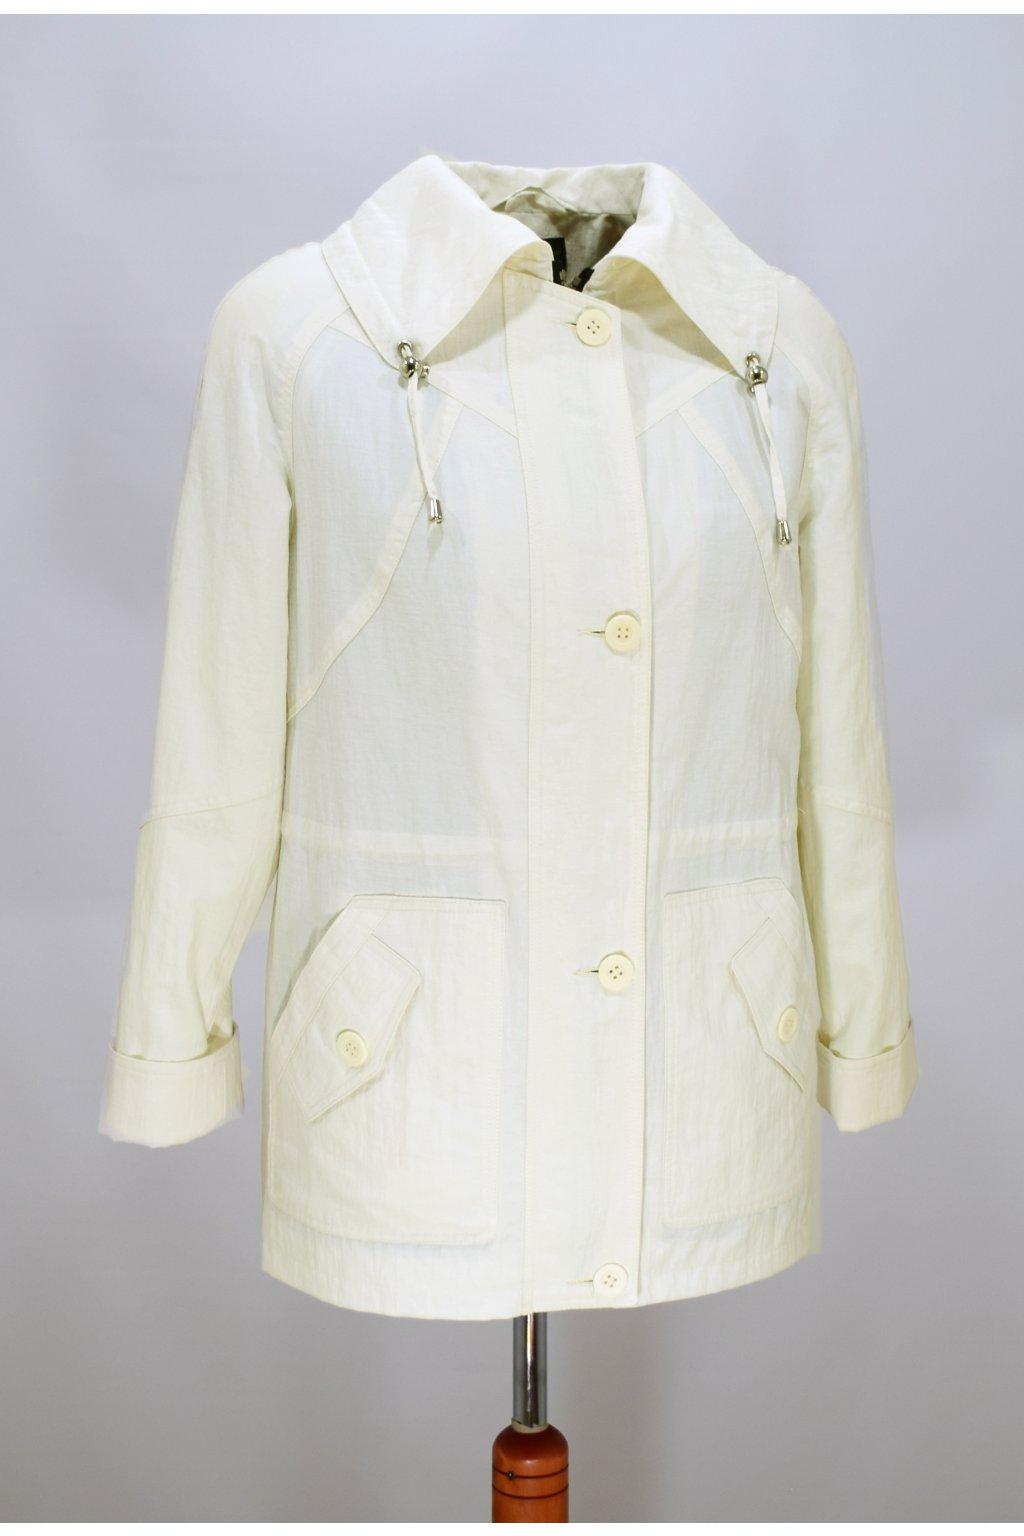 Dámská jarní bílá bunda Karmen nadměrné velikosti.